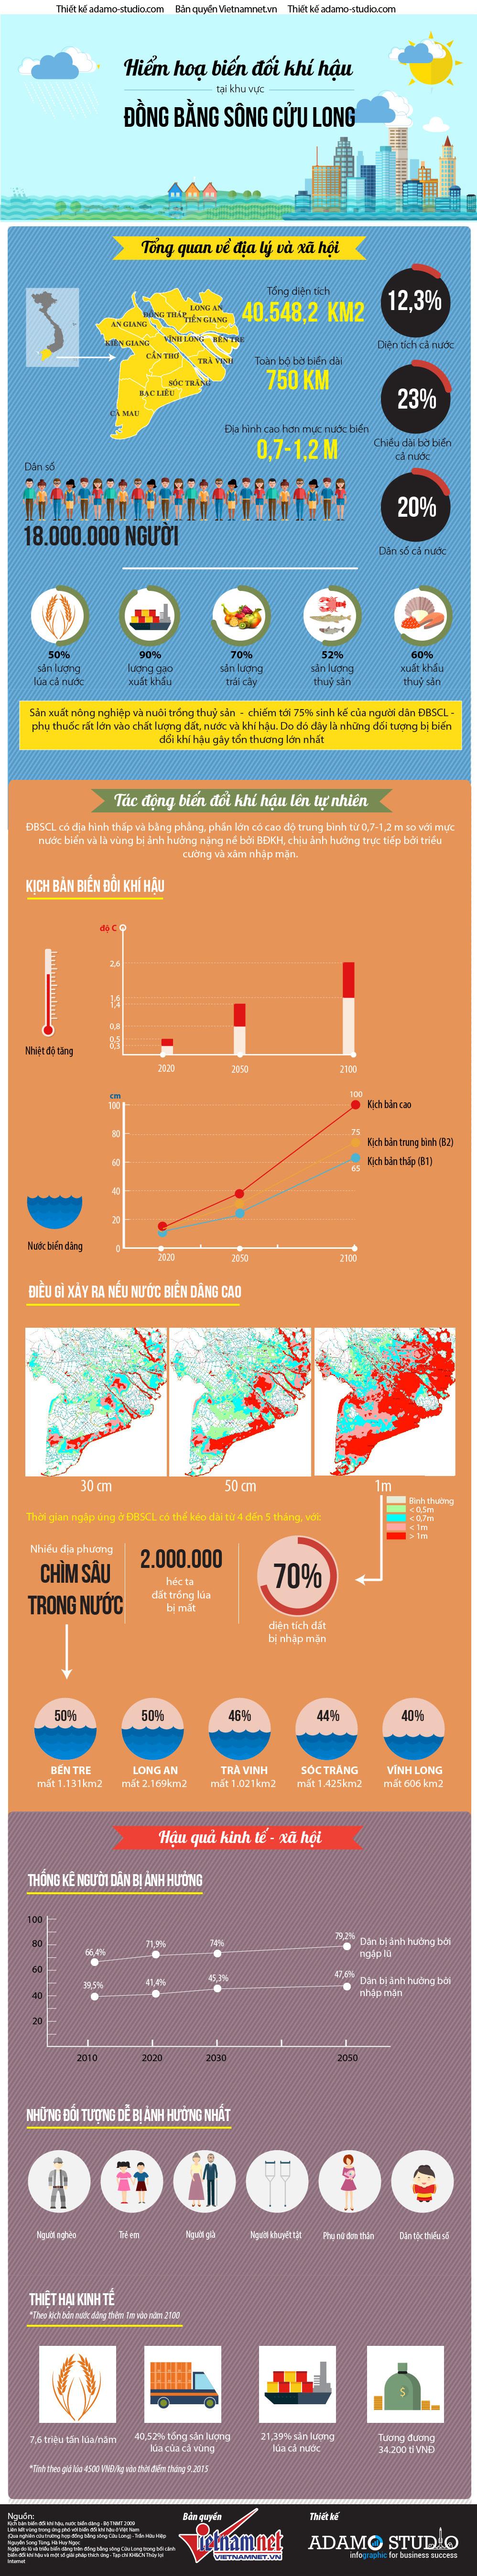 biến đổi khí hậu, ĐBSCL, lúa gạo, kinh tế